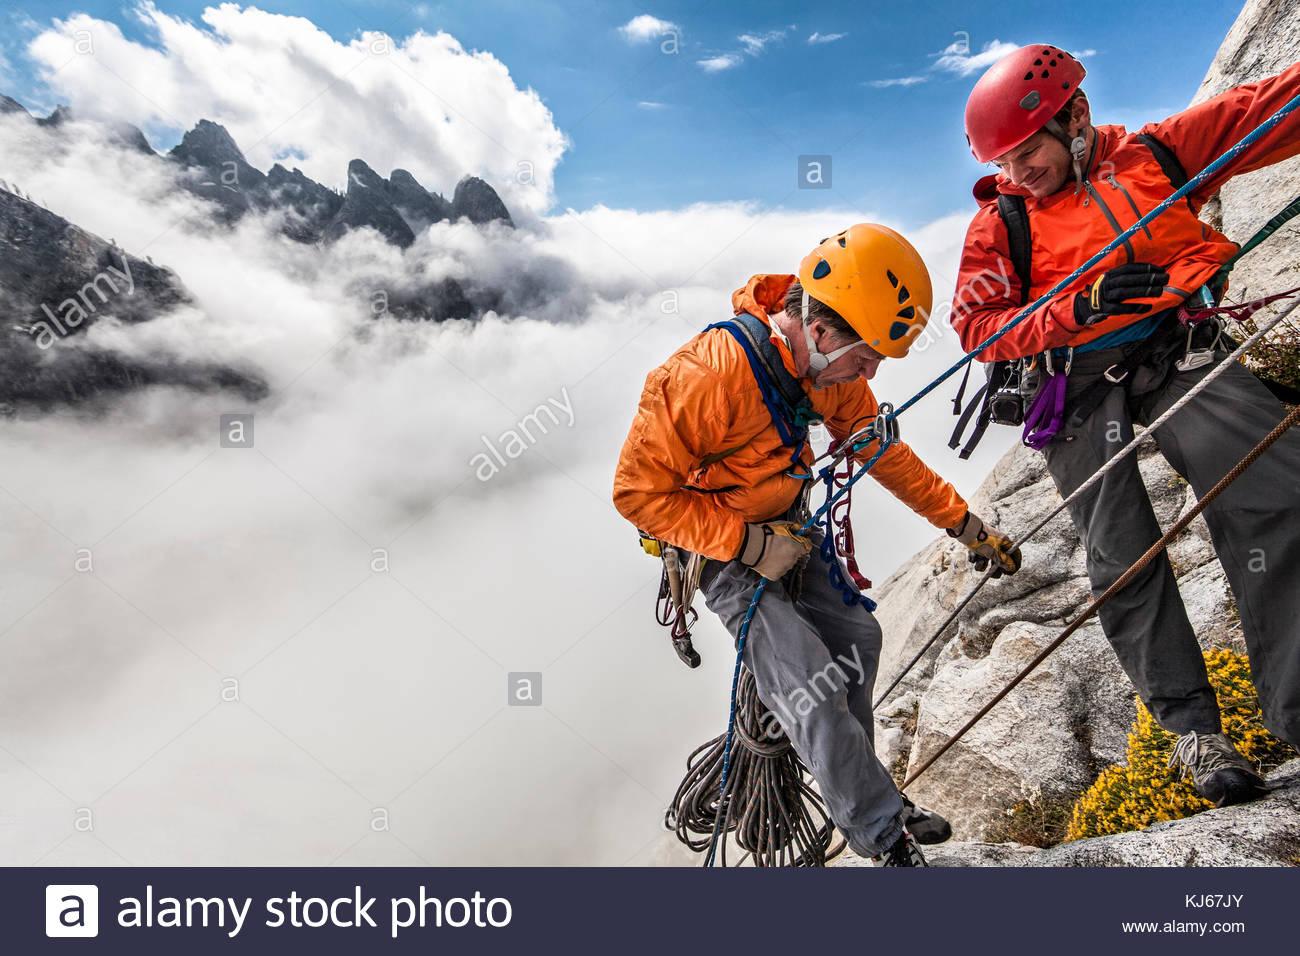 Los escaladores tratando de alcanzar la cima, nublado picos antecedentes Imagen De Stock